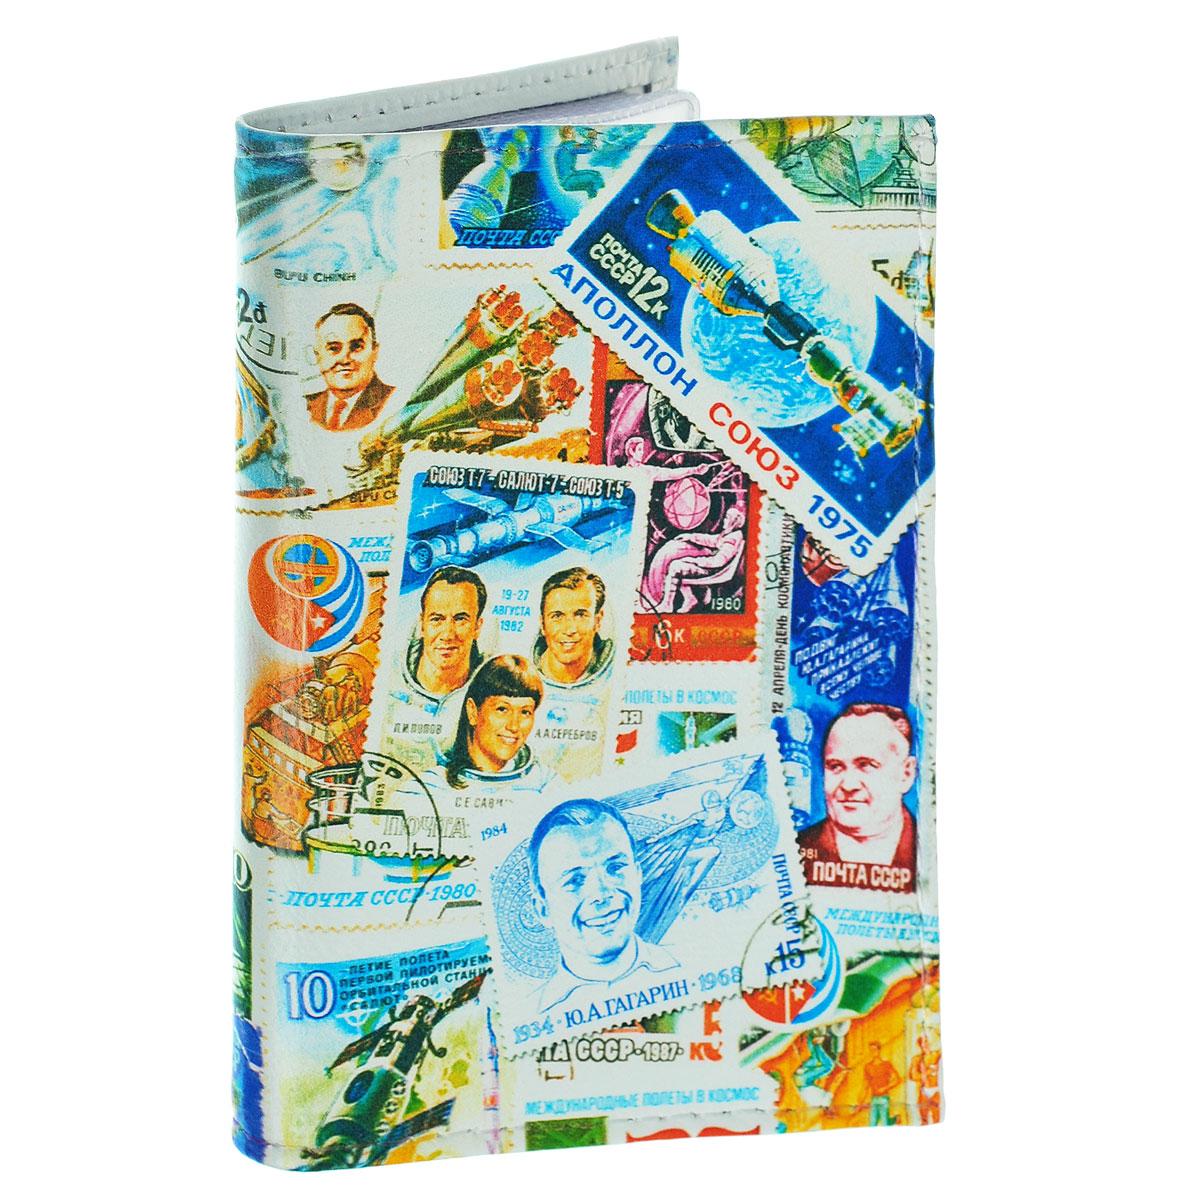 Обложка для автодокументов Космос (марки). AUTO271AUTO271Обложка для автодокументов Mitya Veselkov Космос. Марки изготовлена из натуральной кожи и оформлена изображениями почтовых марок с космической тематикой. На внутреннем развороте имеются съемный блок из шести прозрачных файлов из мягкого пластика для водительских документов, один из которых формата А5, а также два боковых кармашка для визиток или банковских карт. Стильная обложка не только поможет сохранить внешний вид ваших документов и защитит их от грязи и пыли, но и станет аксессуаром, который подчеркнет вашу яркую индивидуальность.